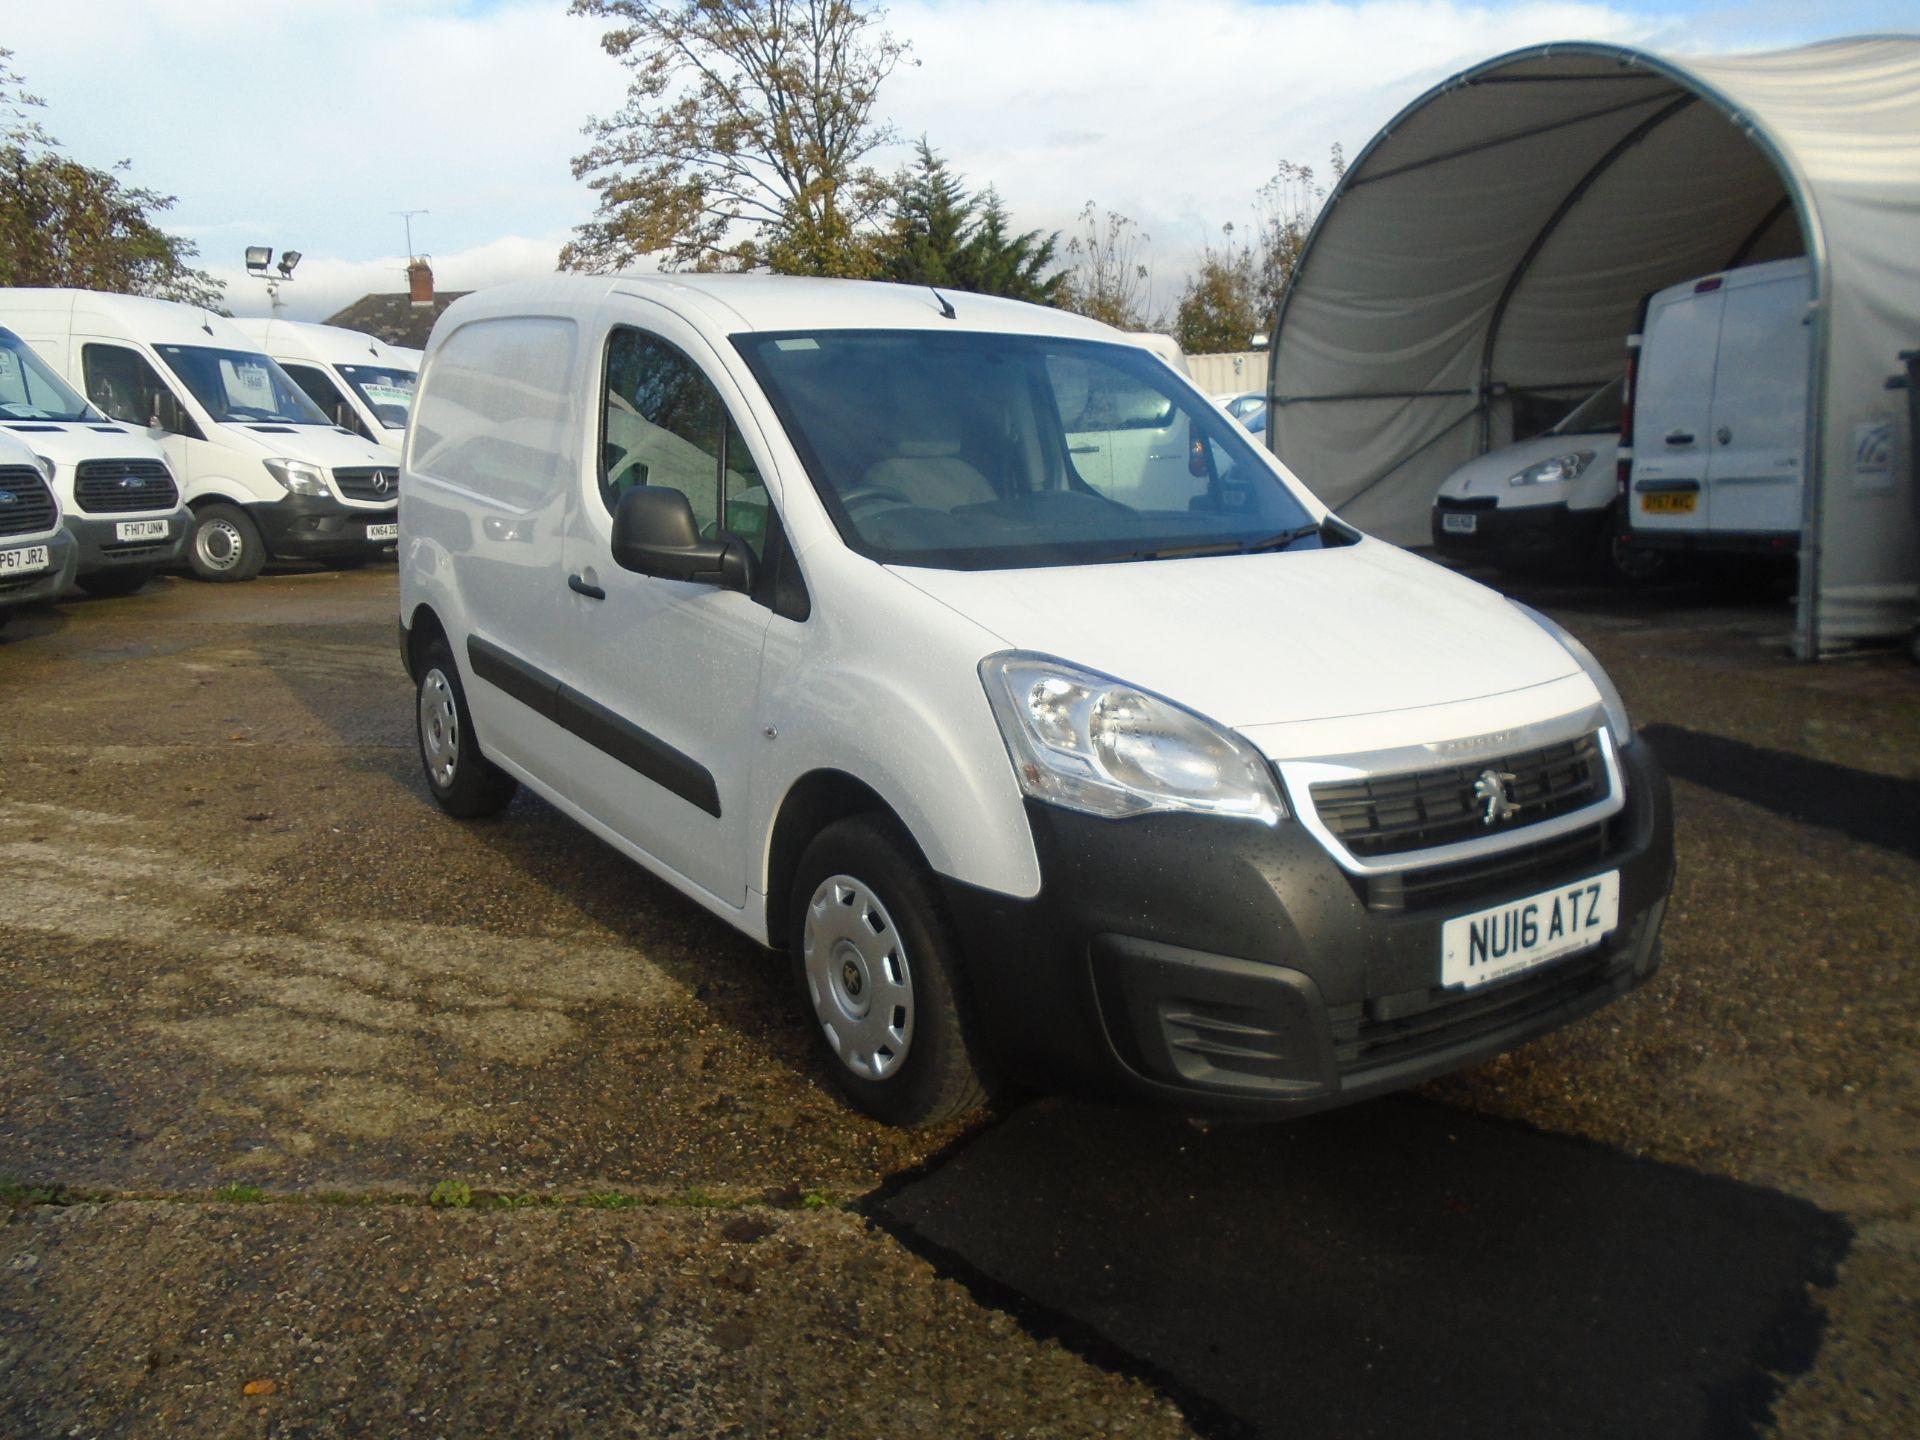 2016 Peugeot Partner 850 S 1.6 Hdi 92 Van [Sld] (NU16ATZ)